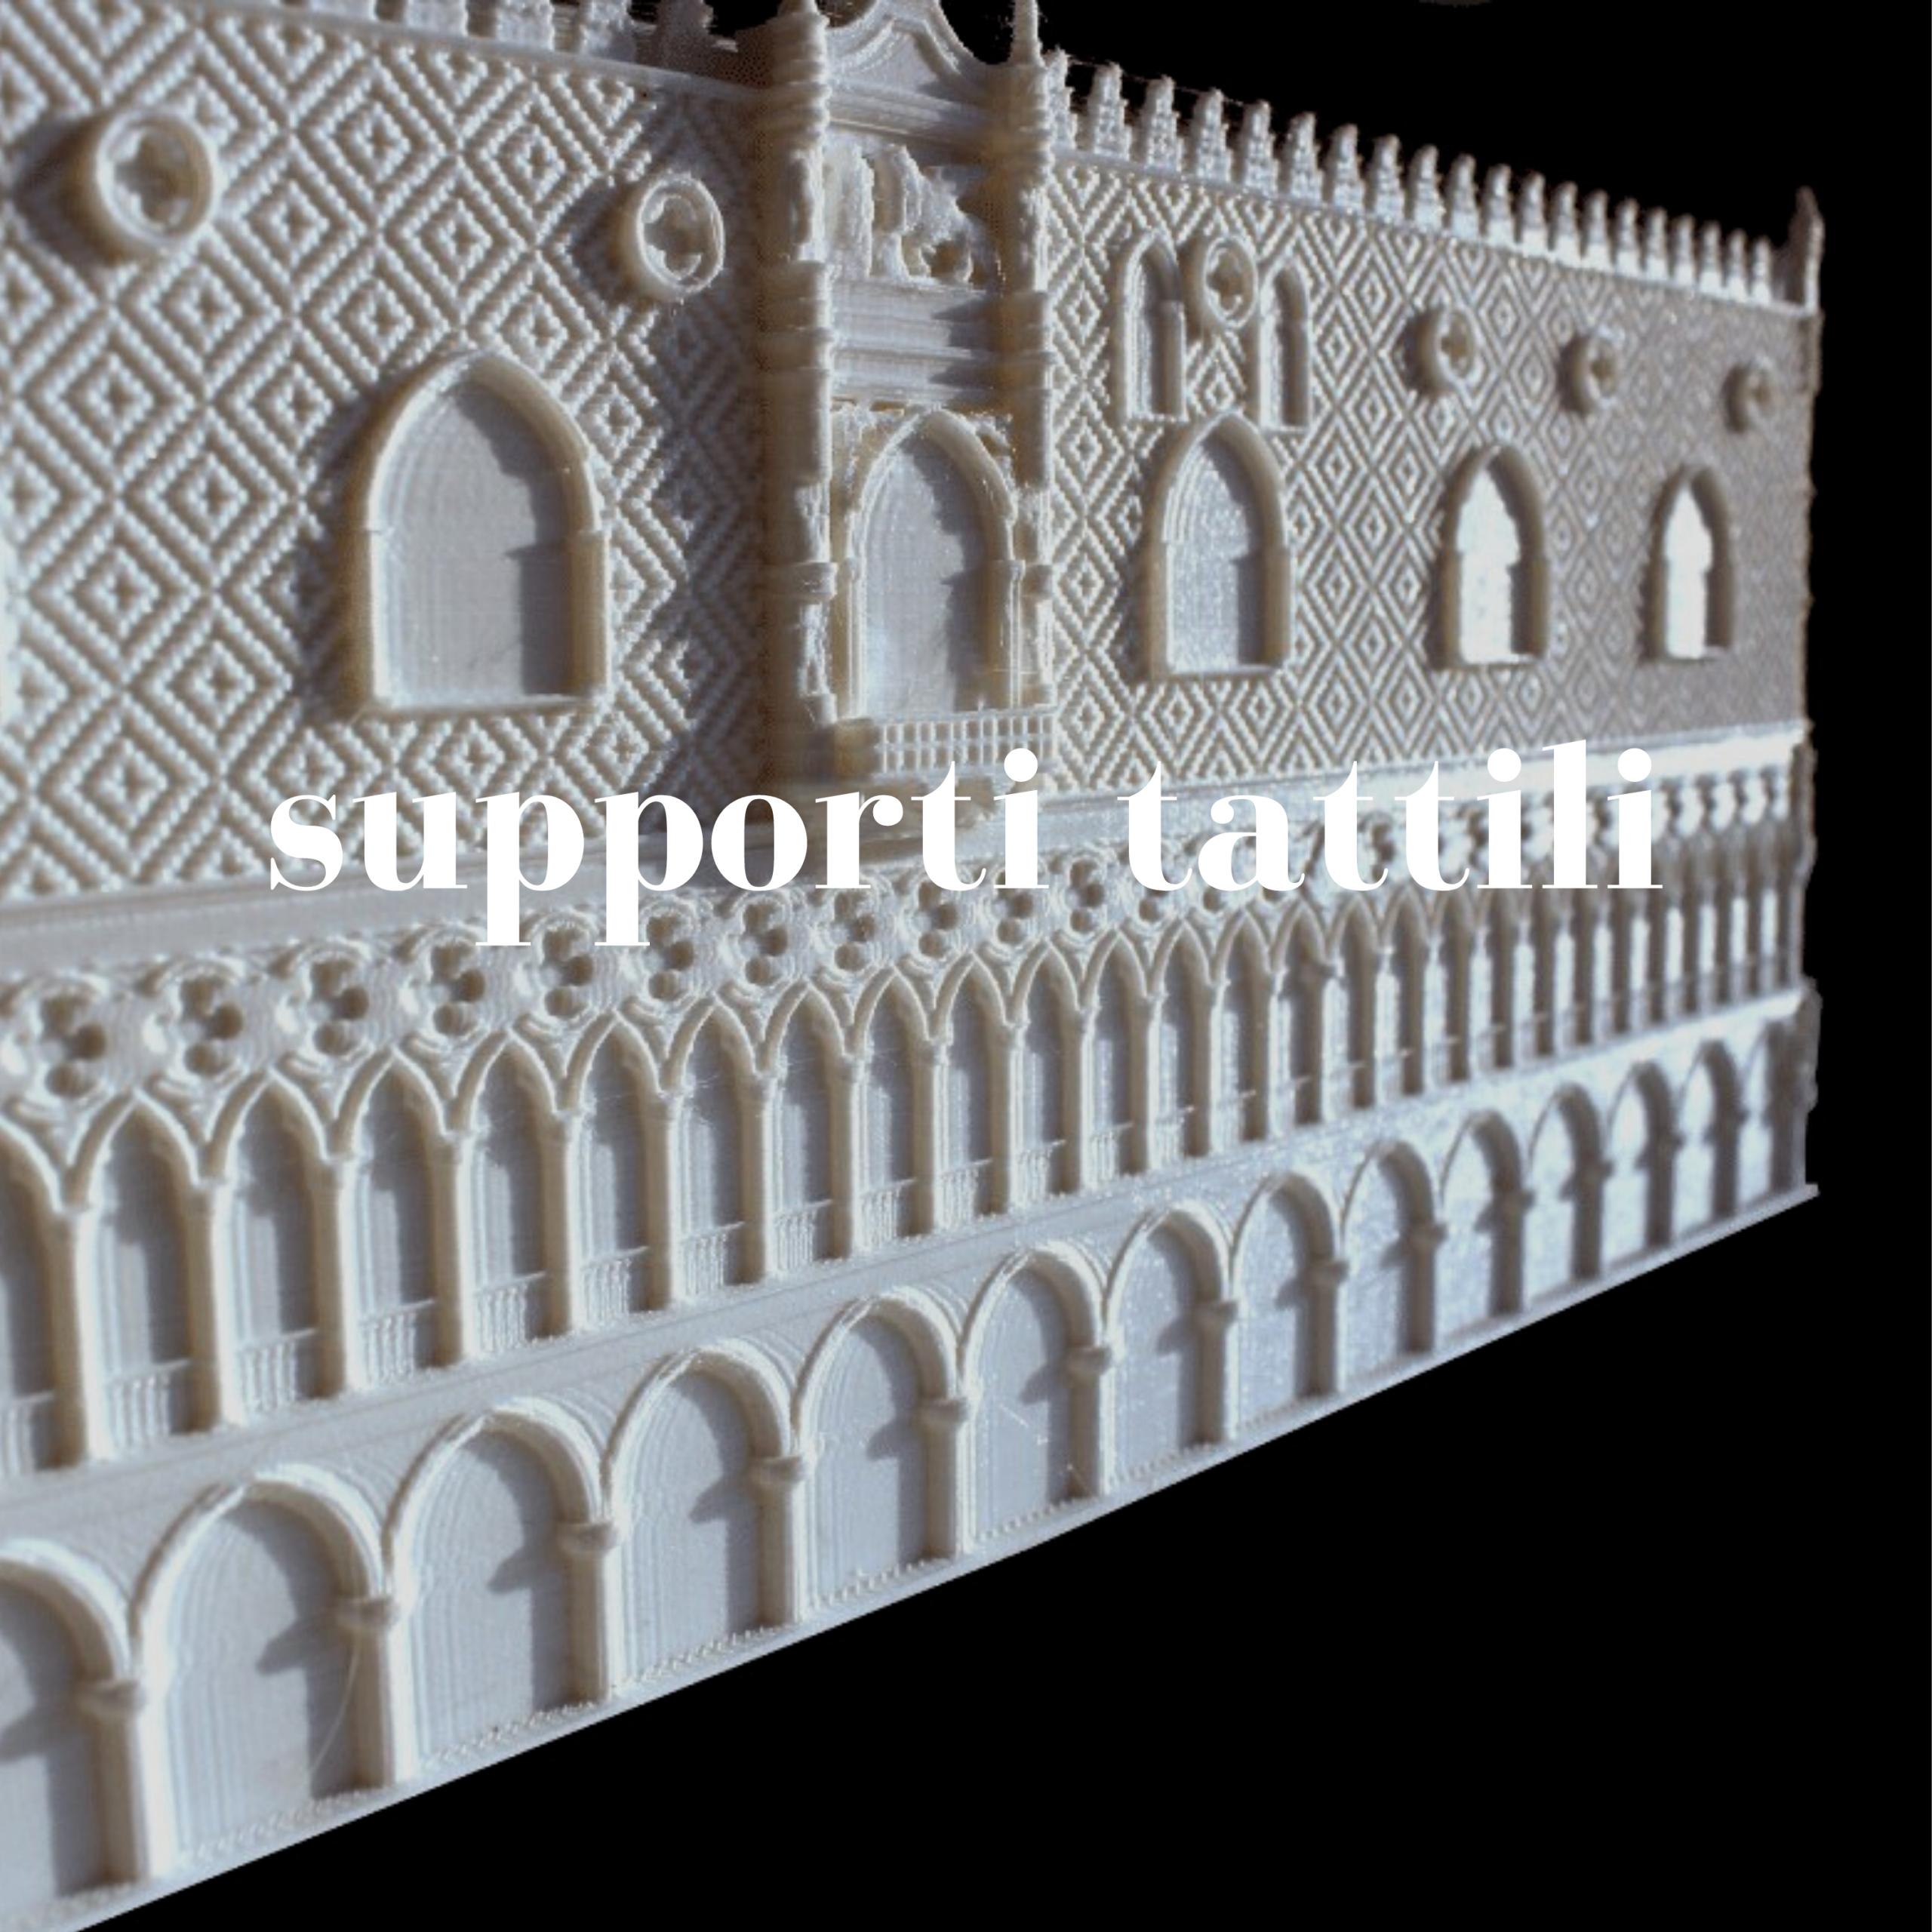 supporti tattili-palazzo ducale